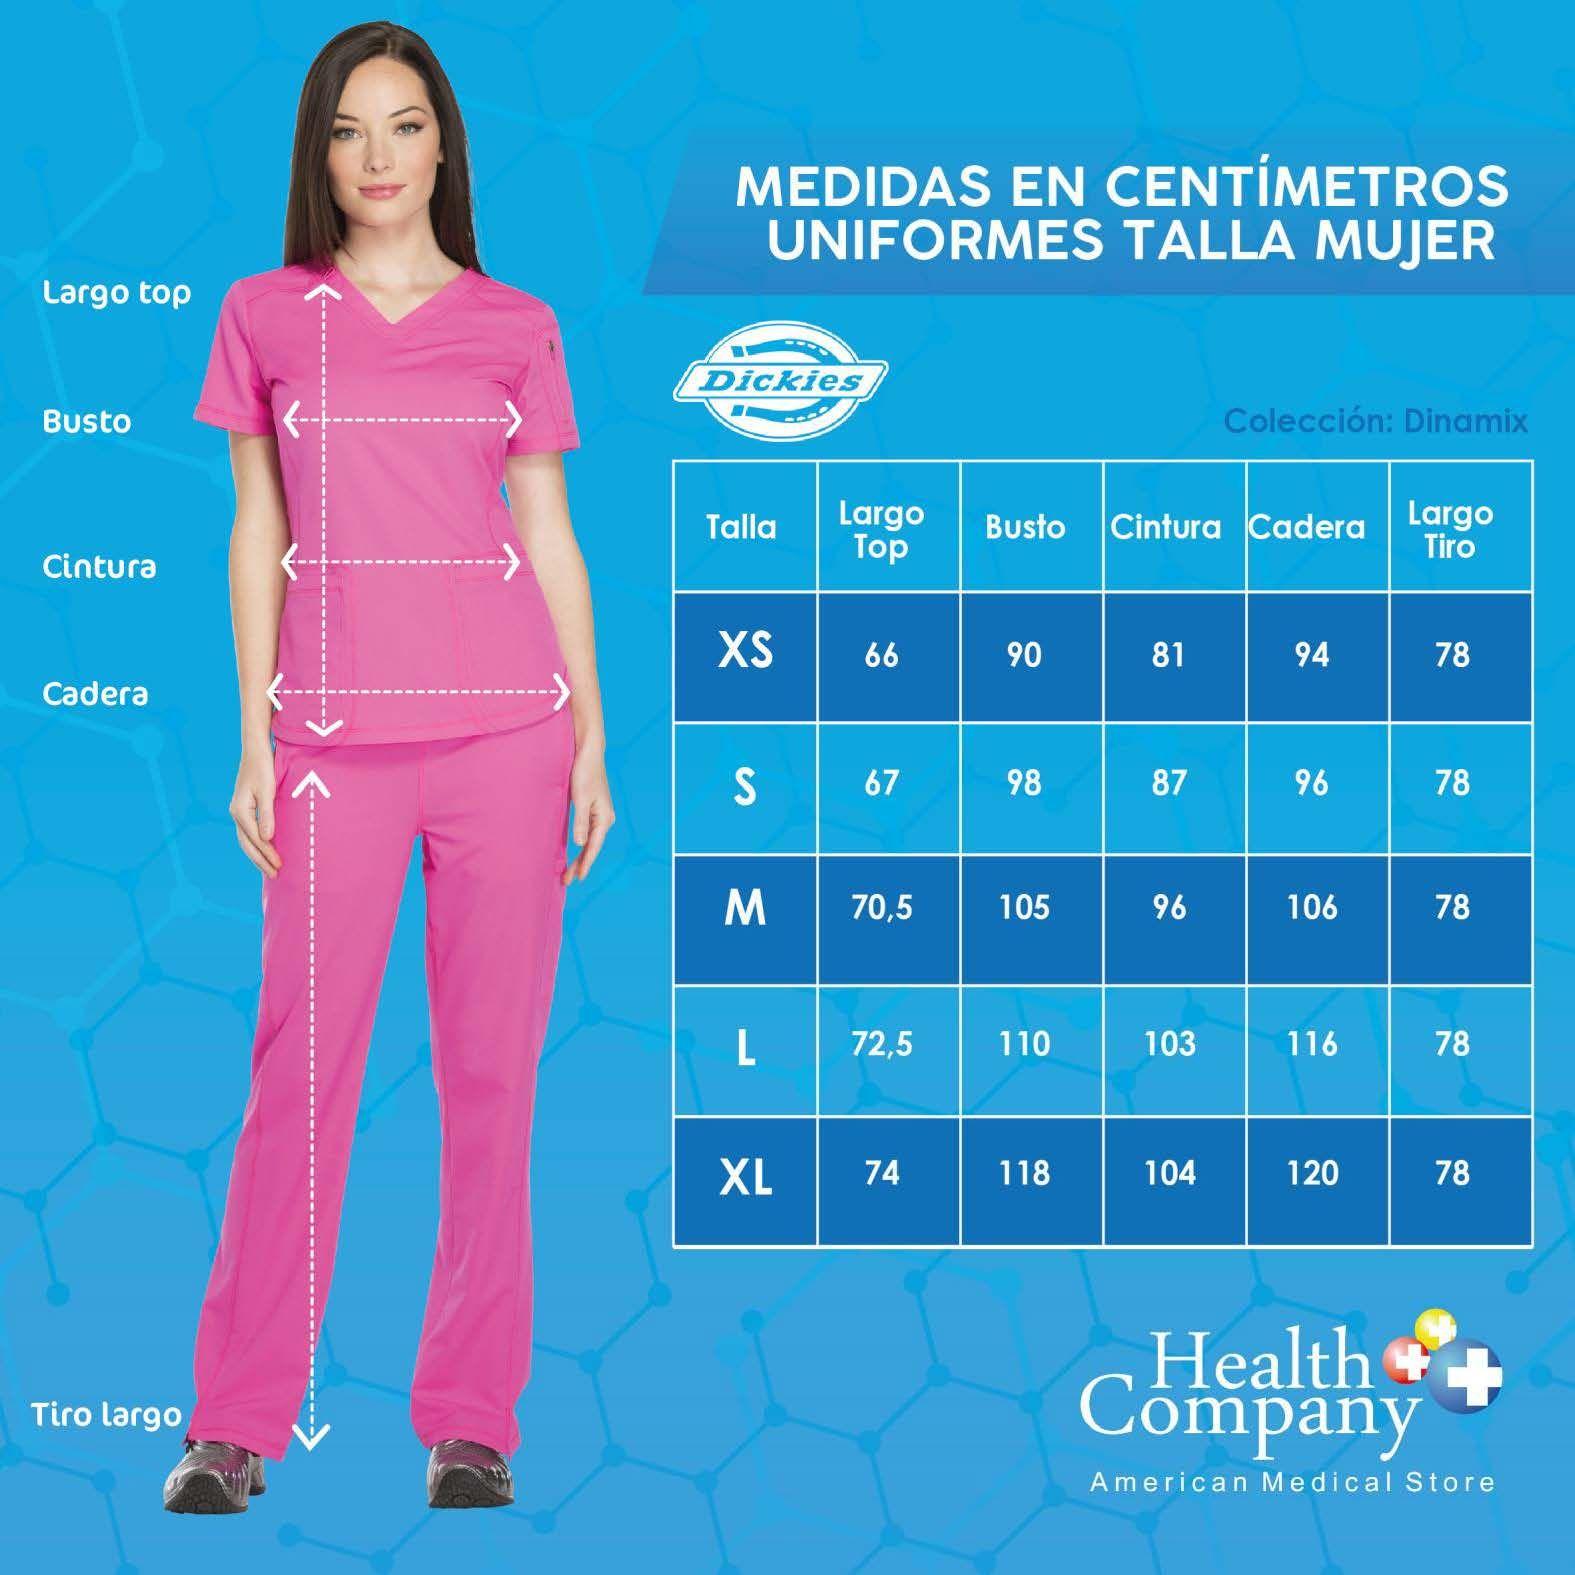 Top Uniforme Medico Mujer Unicolor Dickies Dk730 Tlb Health Company Uniformes Medicos Uniformes De Enfermeria Patrones Gratis De Costura